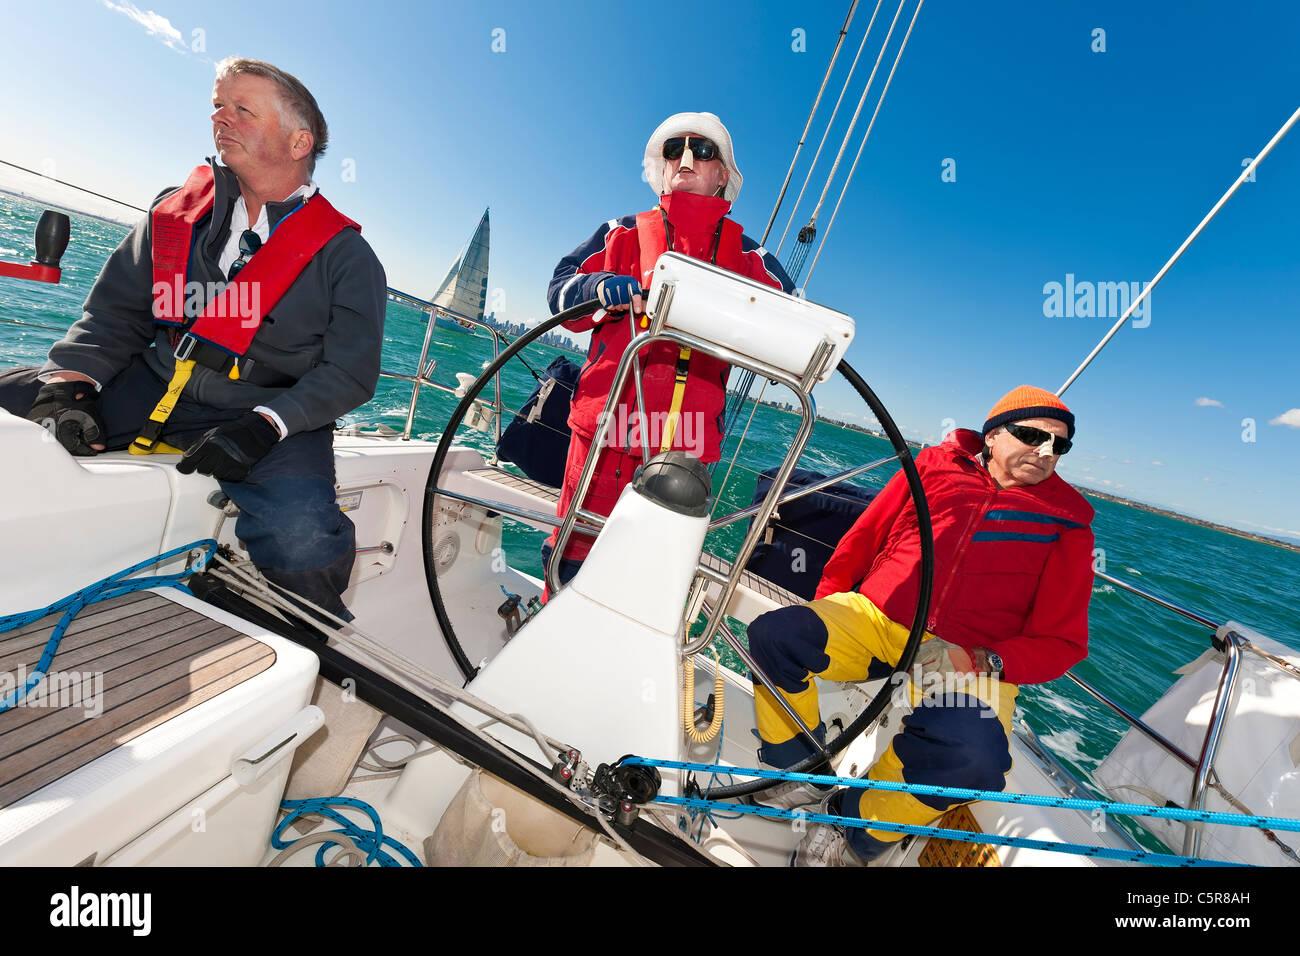 Der Kapitän am Steuer eines Ozeans Yacht während der Rennen zu gehen. Stockbild